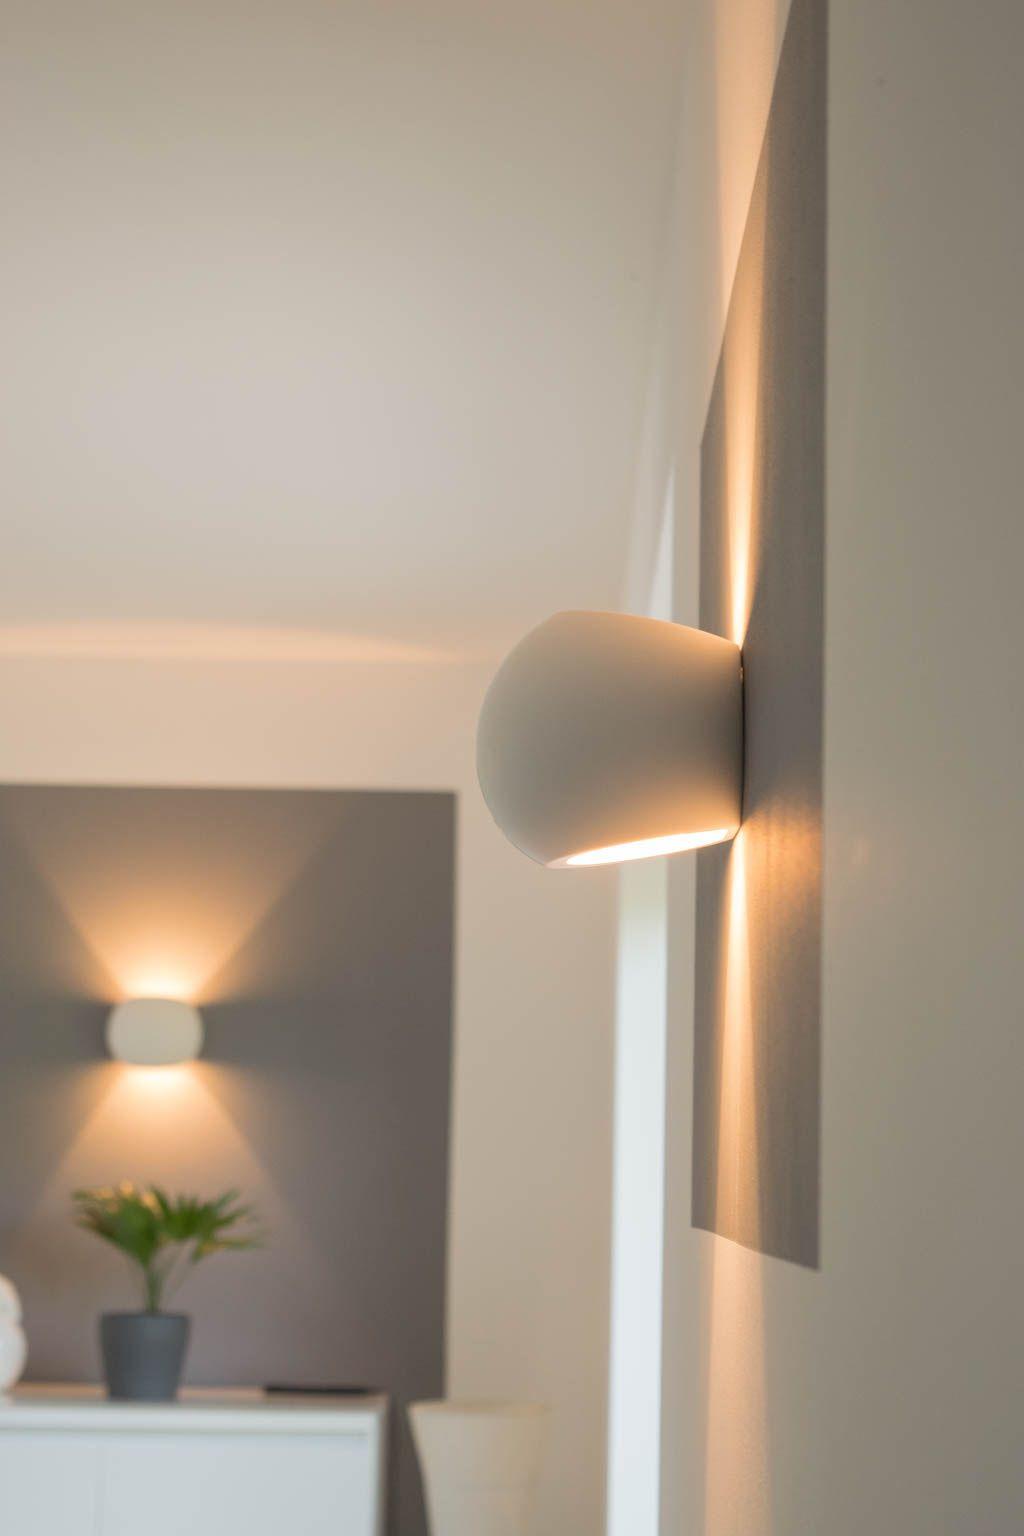 Dimmbare LED Wandlampen  Unsere Wandleuchten frs Wohnzimmer